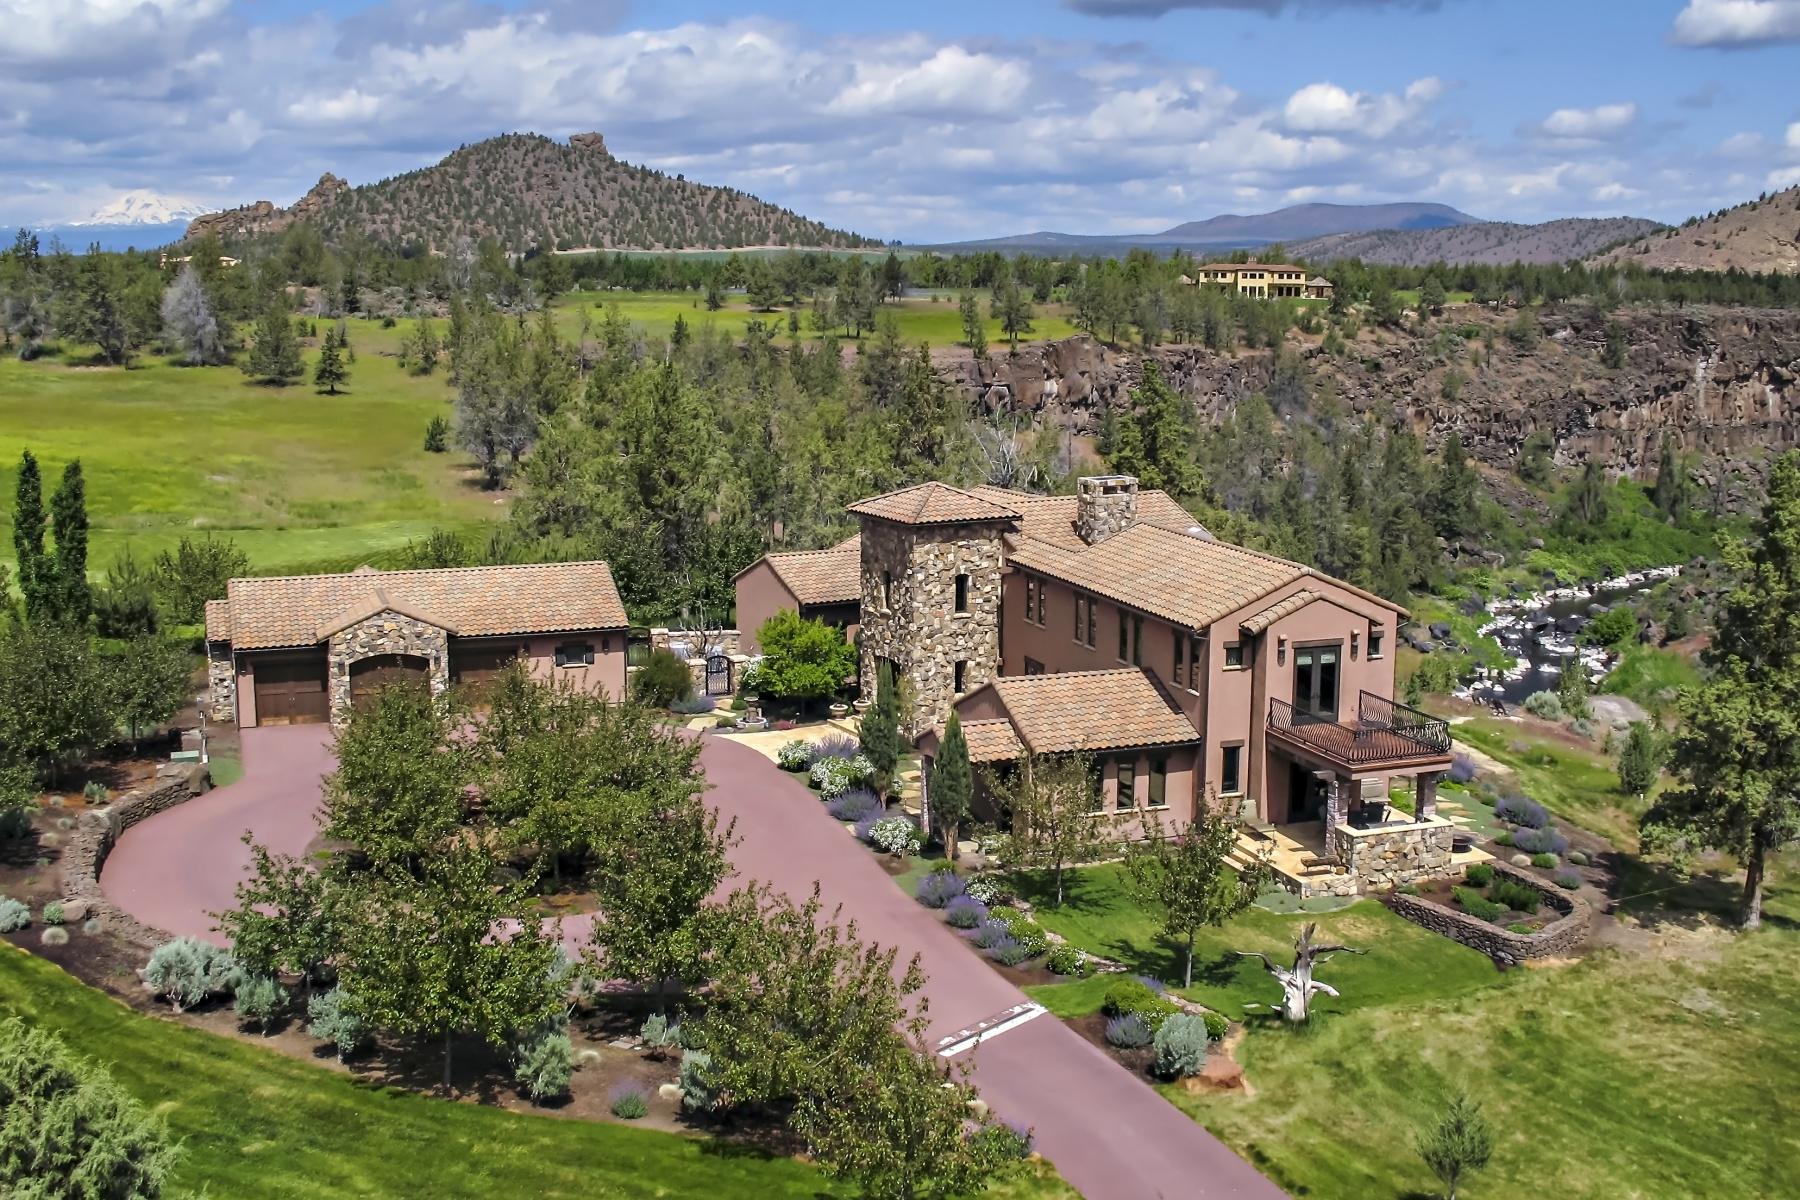 土地 为 销售 在 Ranch at the Canyons Tuscan Home 10650 NE Canyons Ranch Dr 泰勒伯恩, 俄勒冈州, 97760 美国